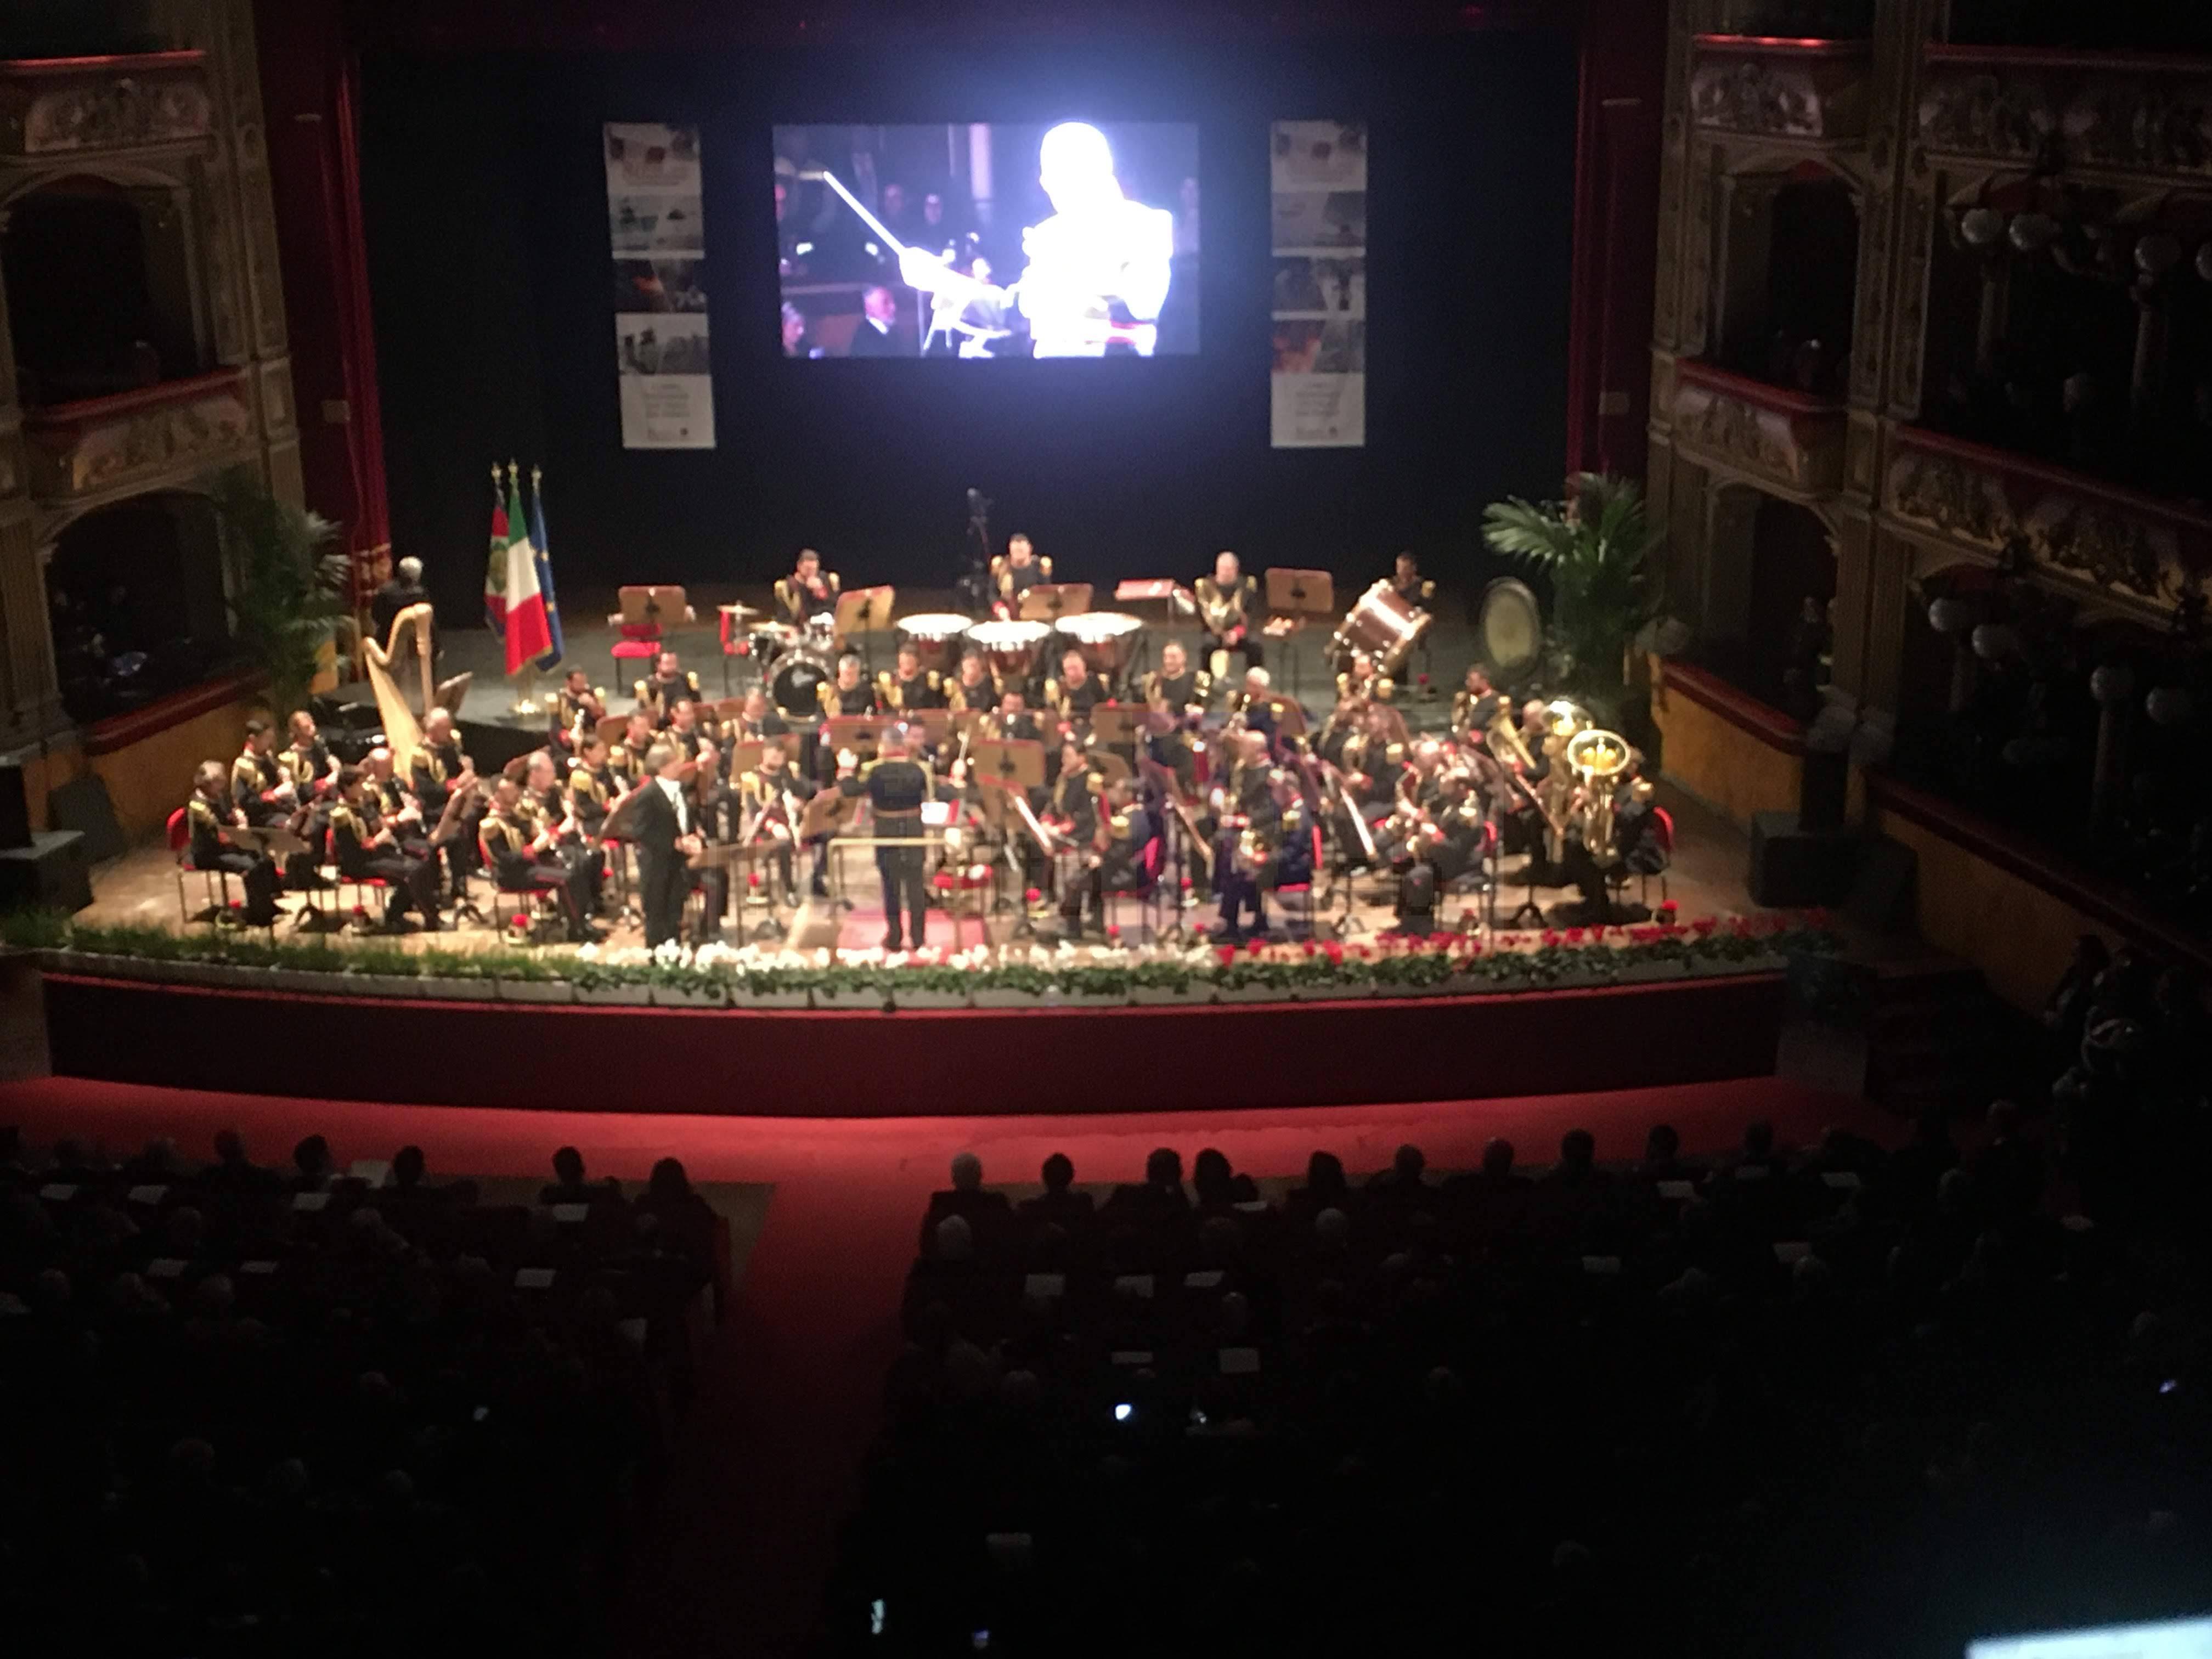 A Catania la celebrazione dell'80° anniversario della Fondazione del Corpo Nazionale dei Vigili del Fuoco